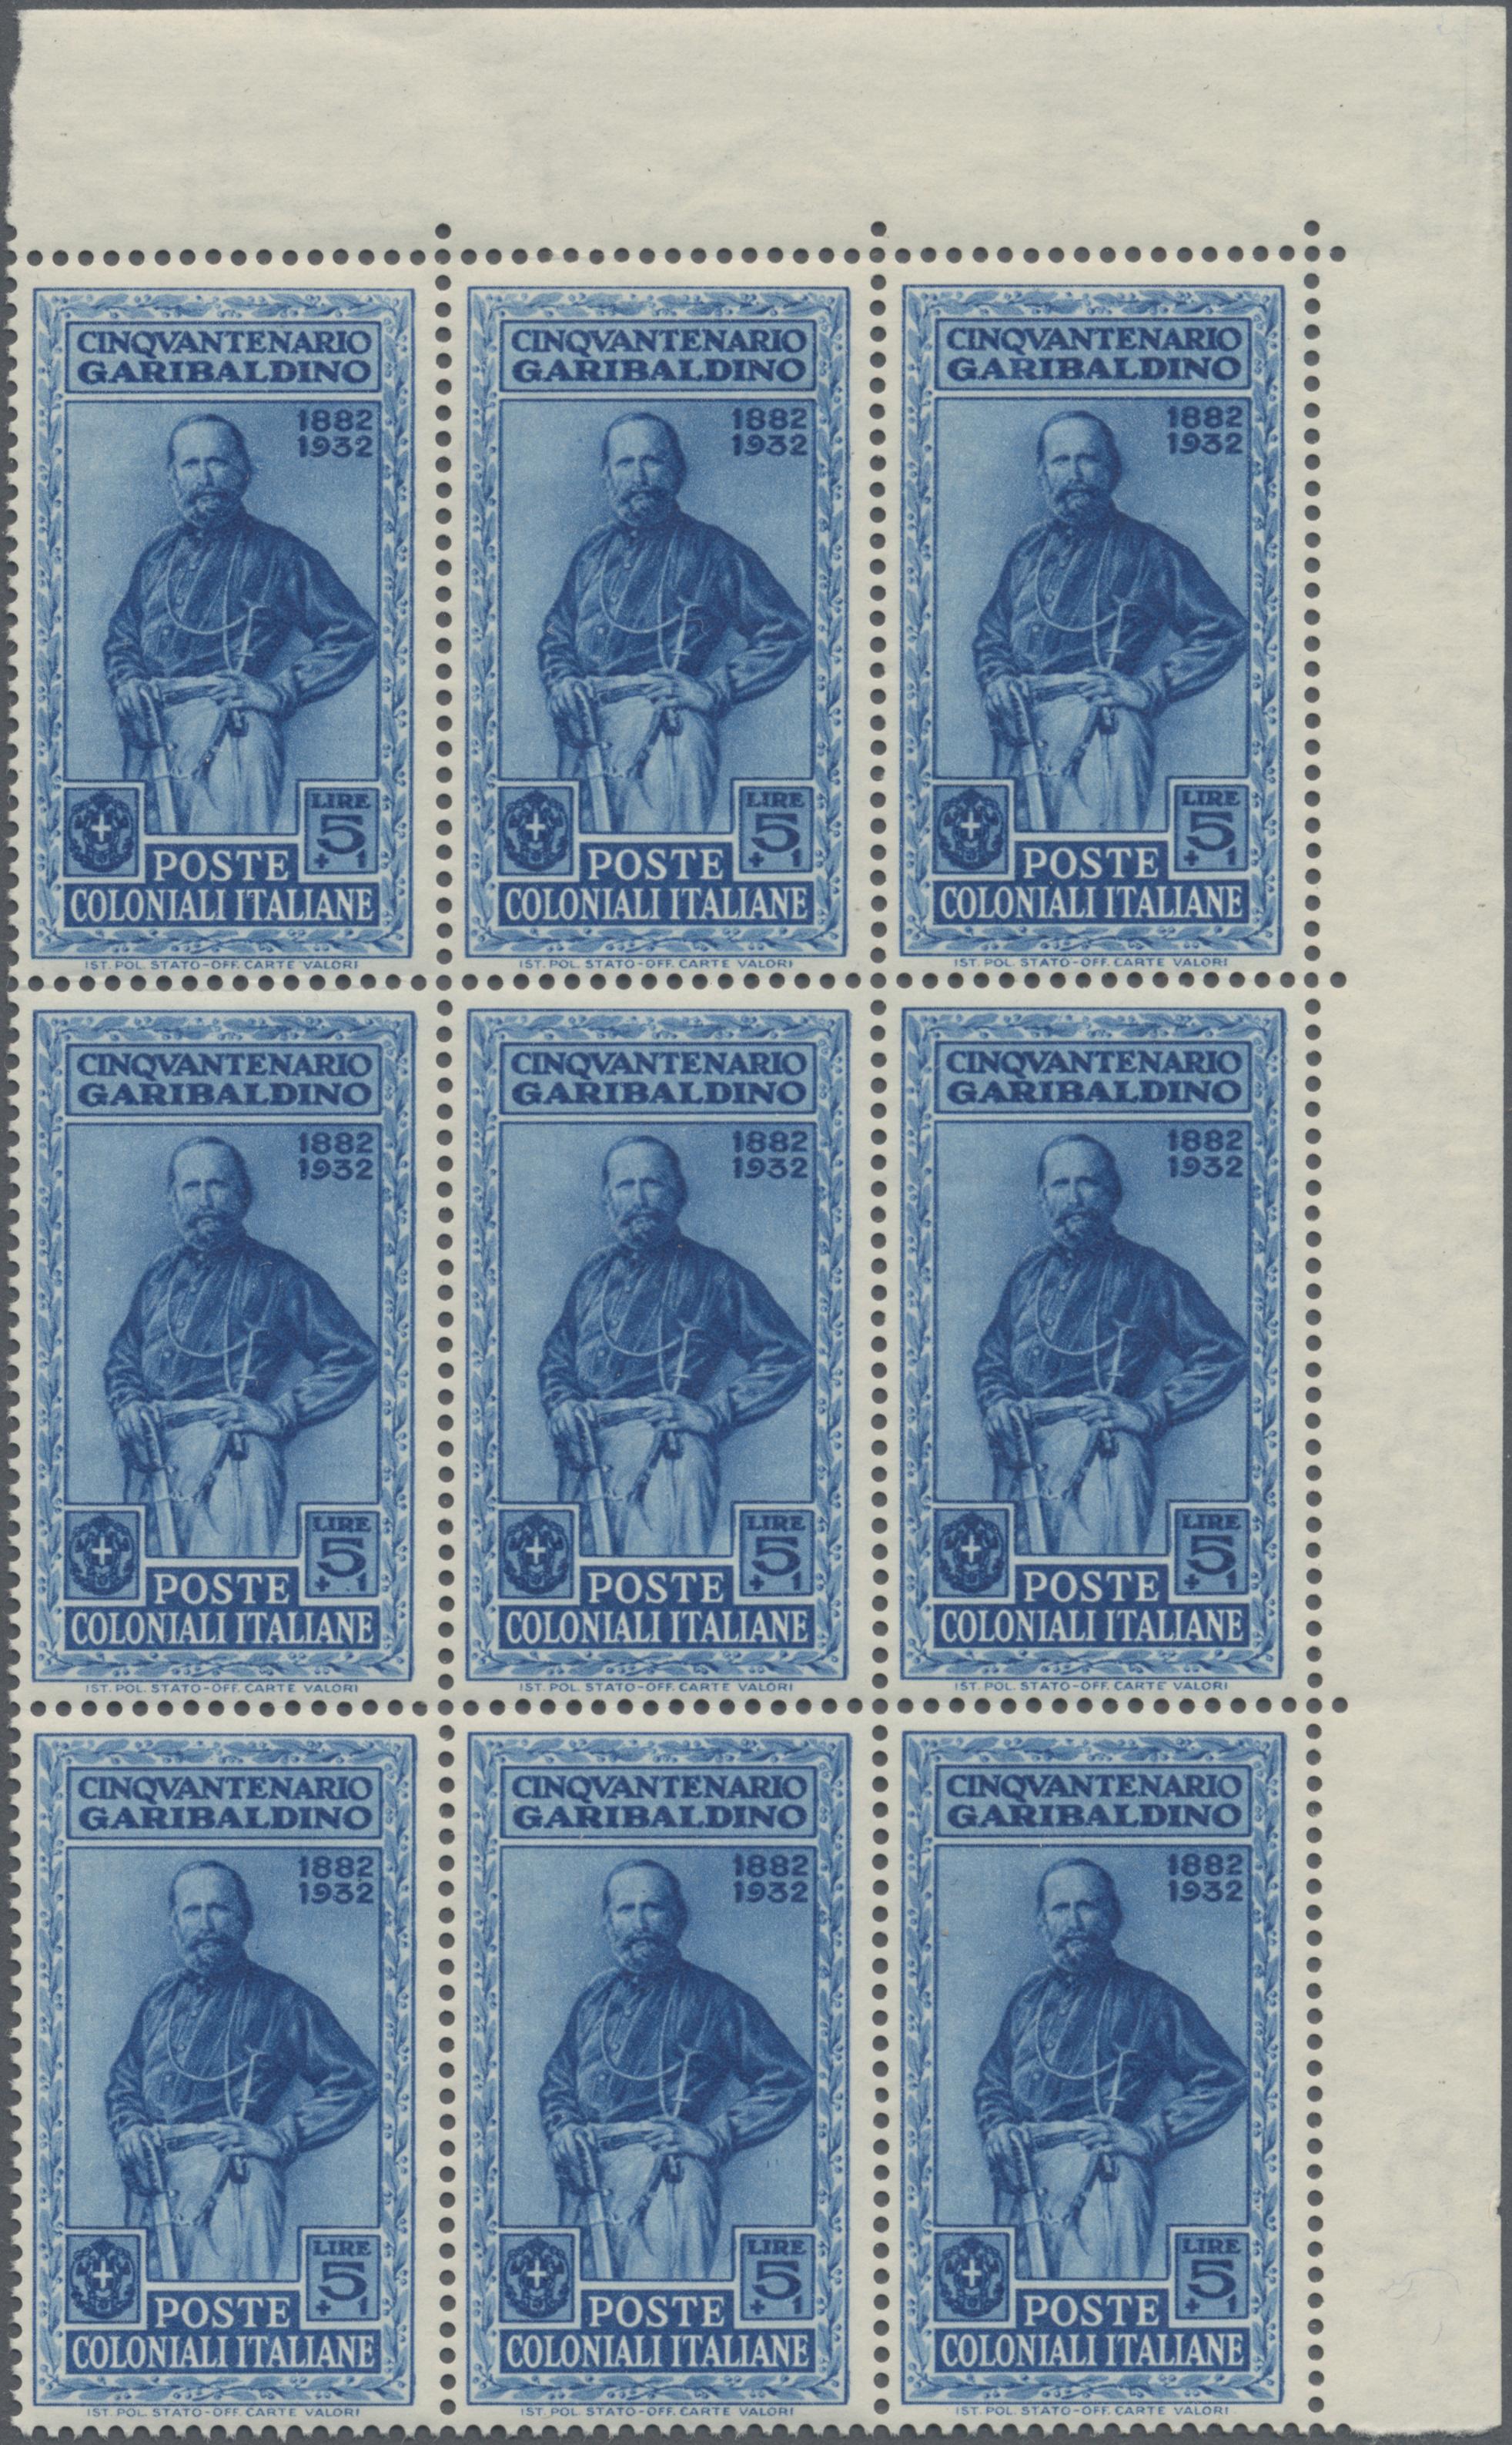 Lot 34673 - Italienische Kolonien - Gemeinschaftsausgaben  -  Auktionshaus Christoph Gärtner GmbH & Co. KG Sale #44 Collections Germany